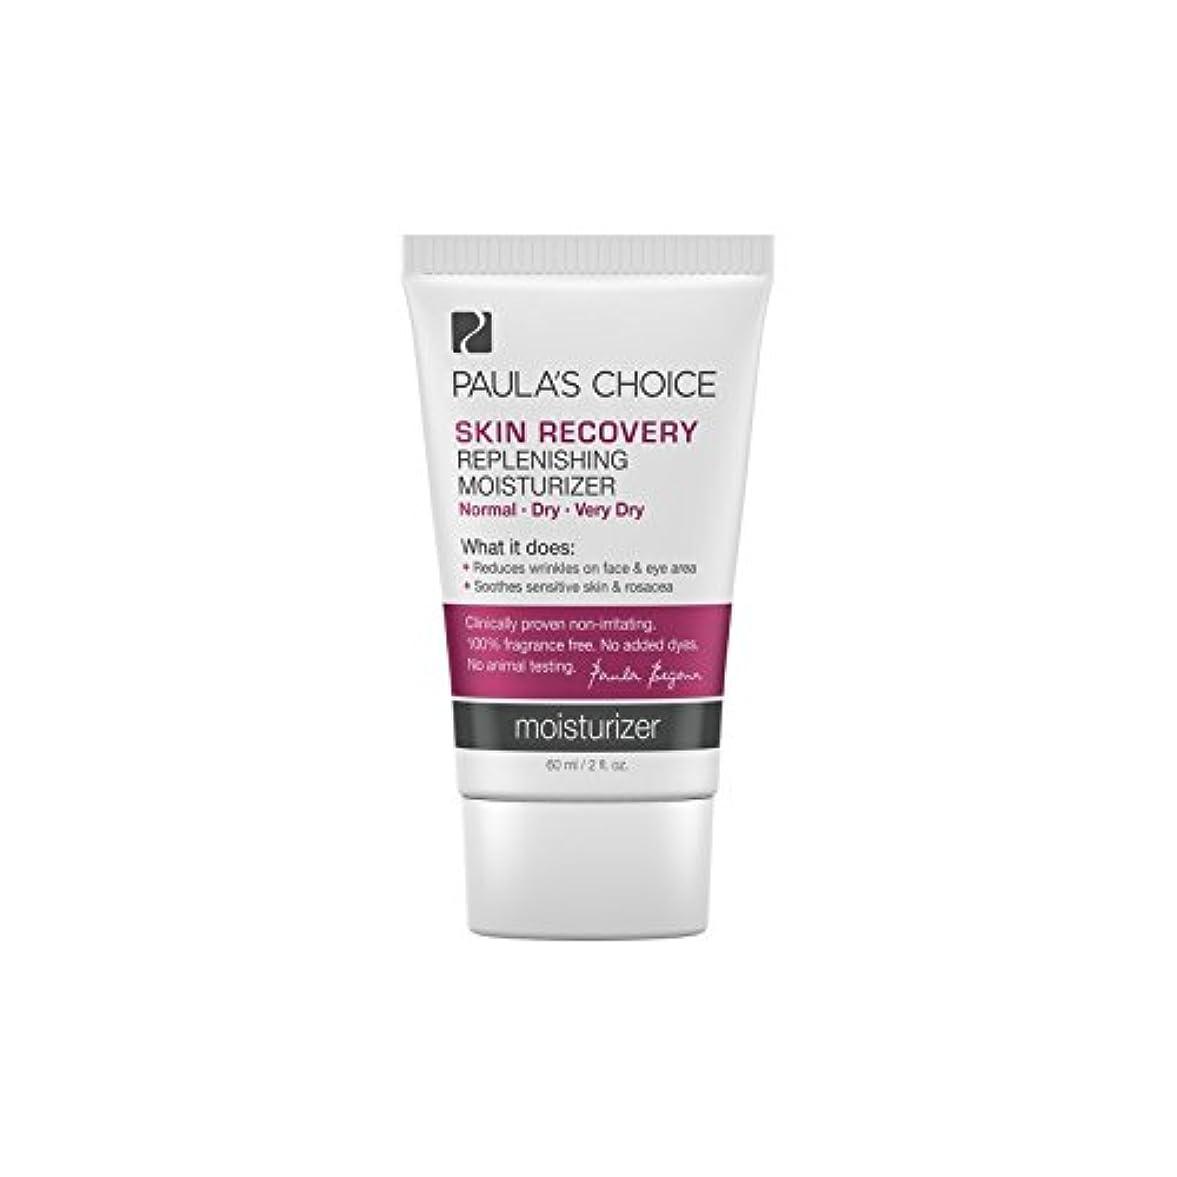 肉屋カジュアル明るくするPaula's Choice Skin Recovery Replenishing Moisturizer (60ml) - ポーラチョイスの肌の回復補充保湿(60ミリリットル) [並行輸入品]